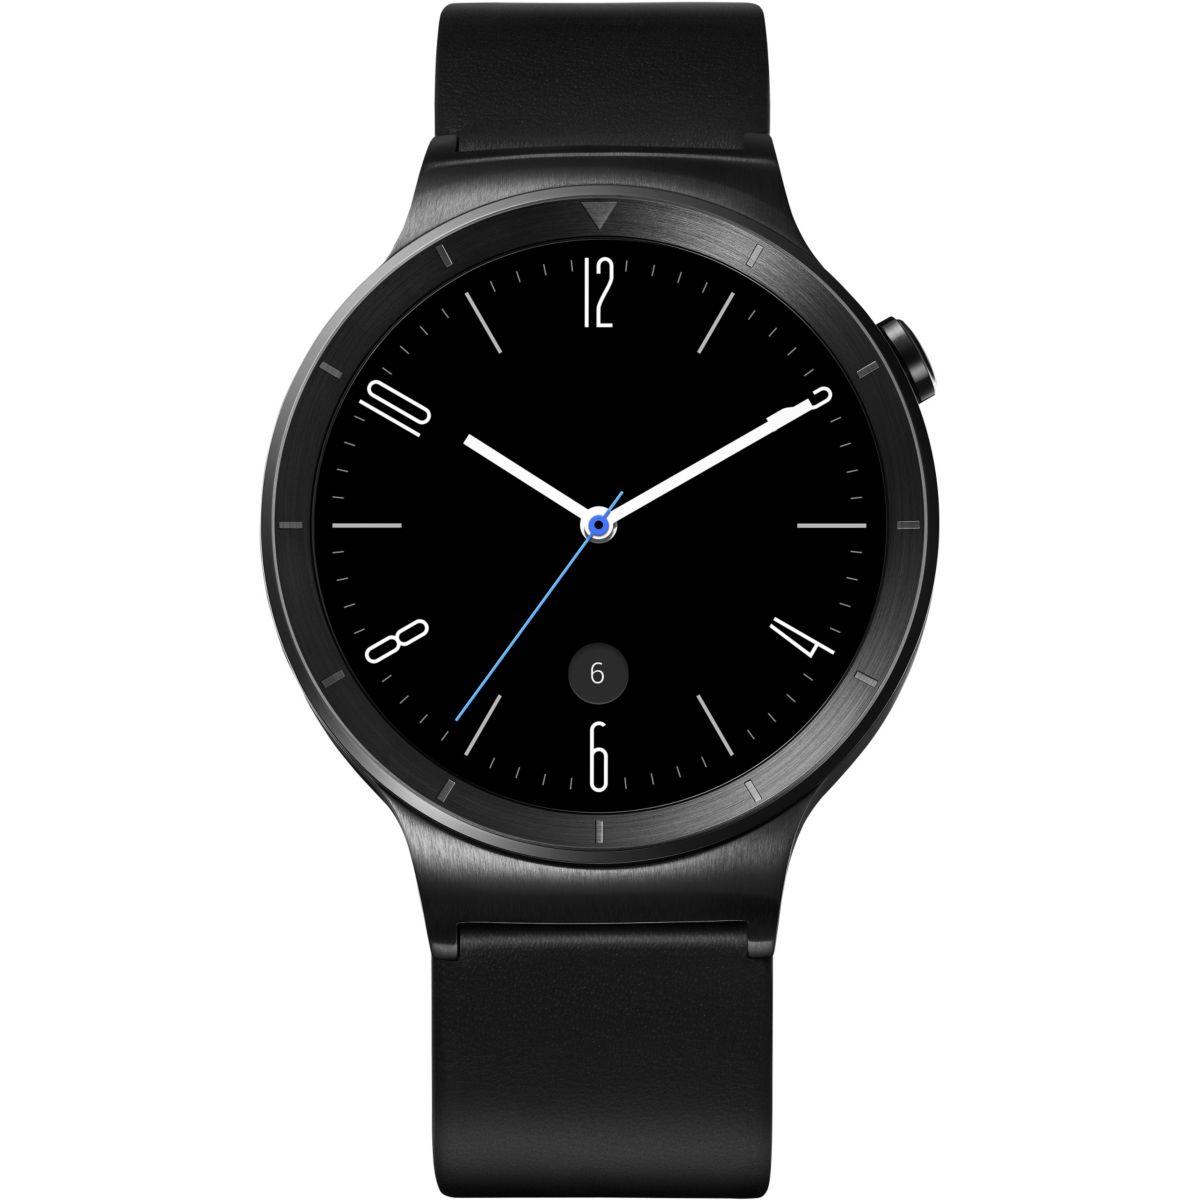 Montre connectée huawei watch active noir/cuir - 15% de remise immédiate avec le code : cool15 (photo)